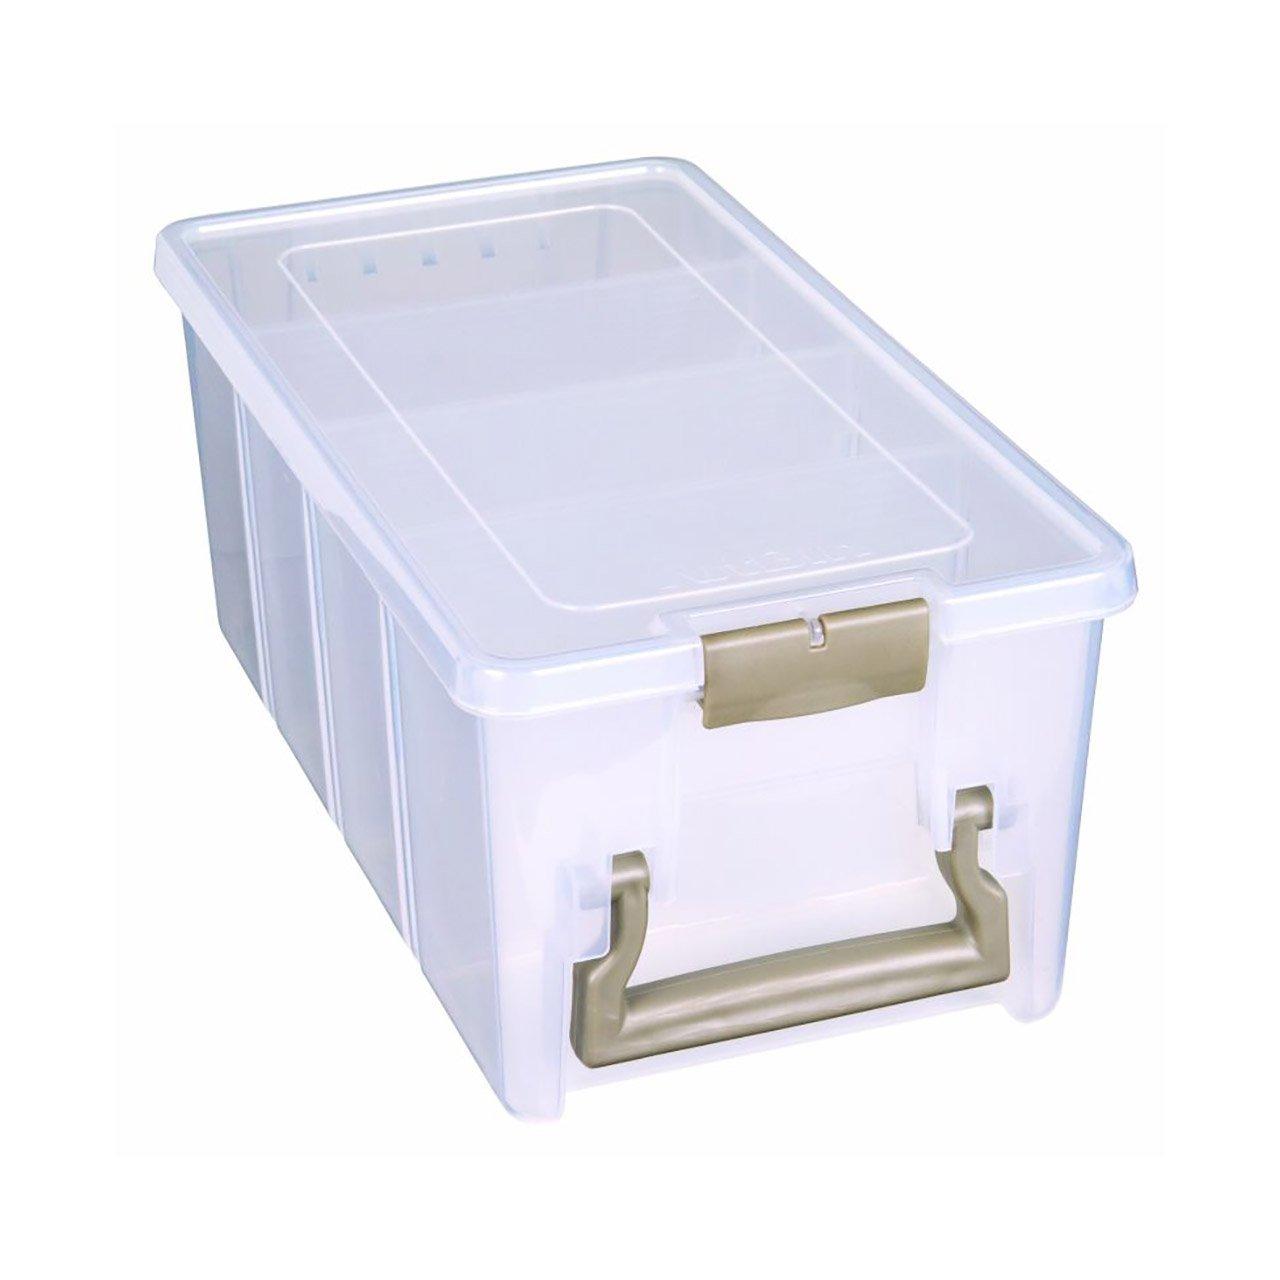 Super Semi-Satchel Box